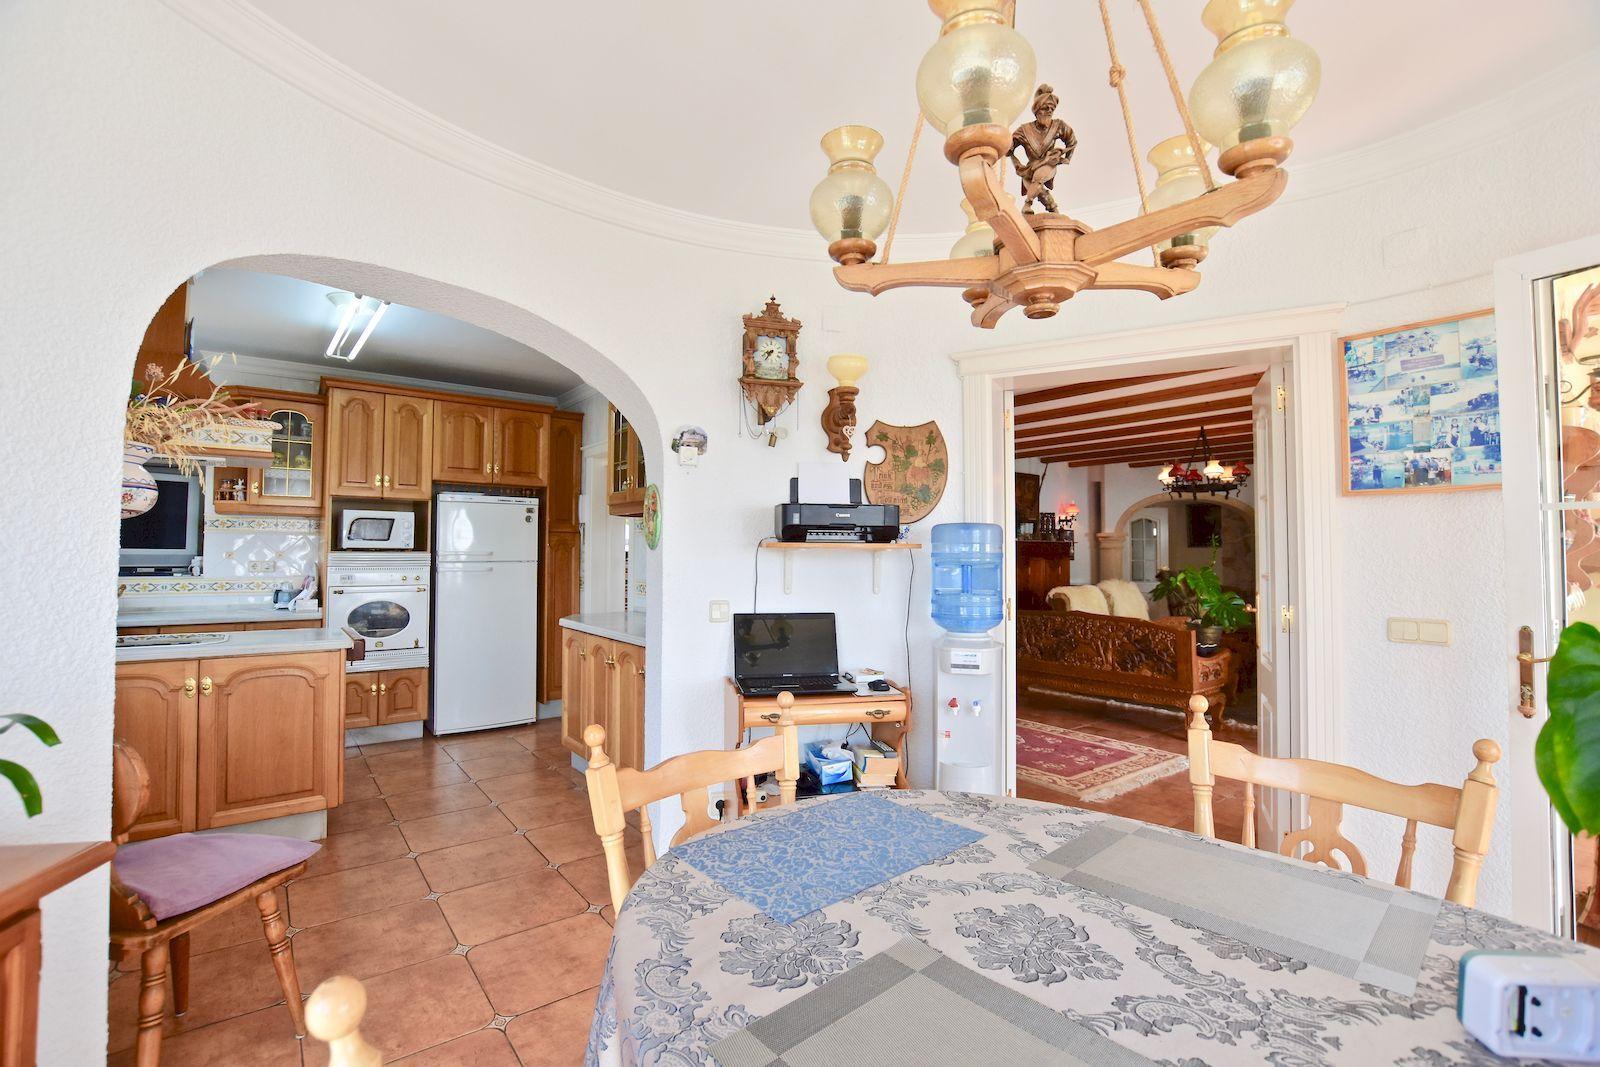 Villa for Sale in Portixol with Sea View - Javea - Costa Blanca